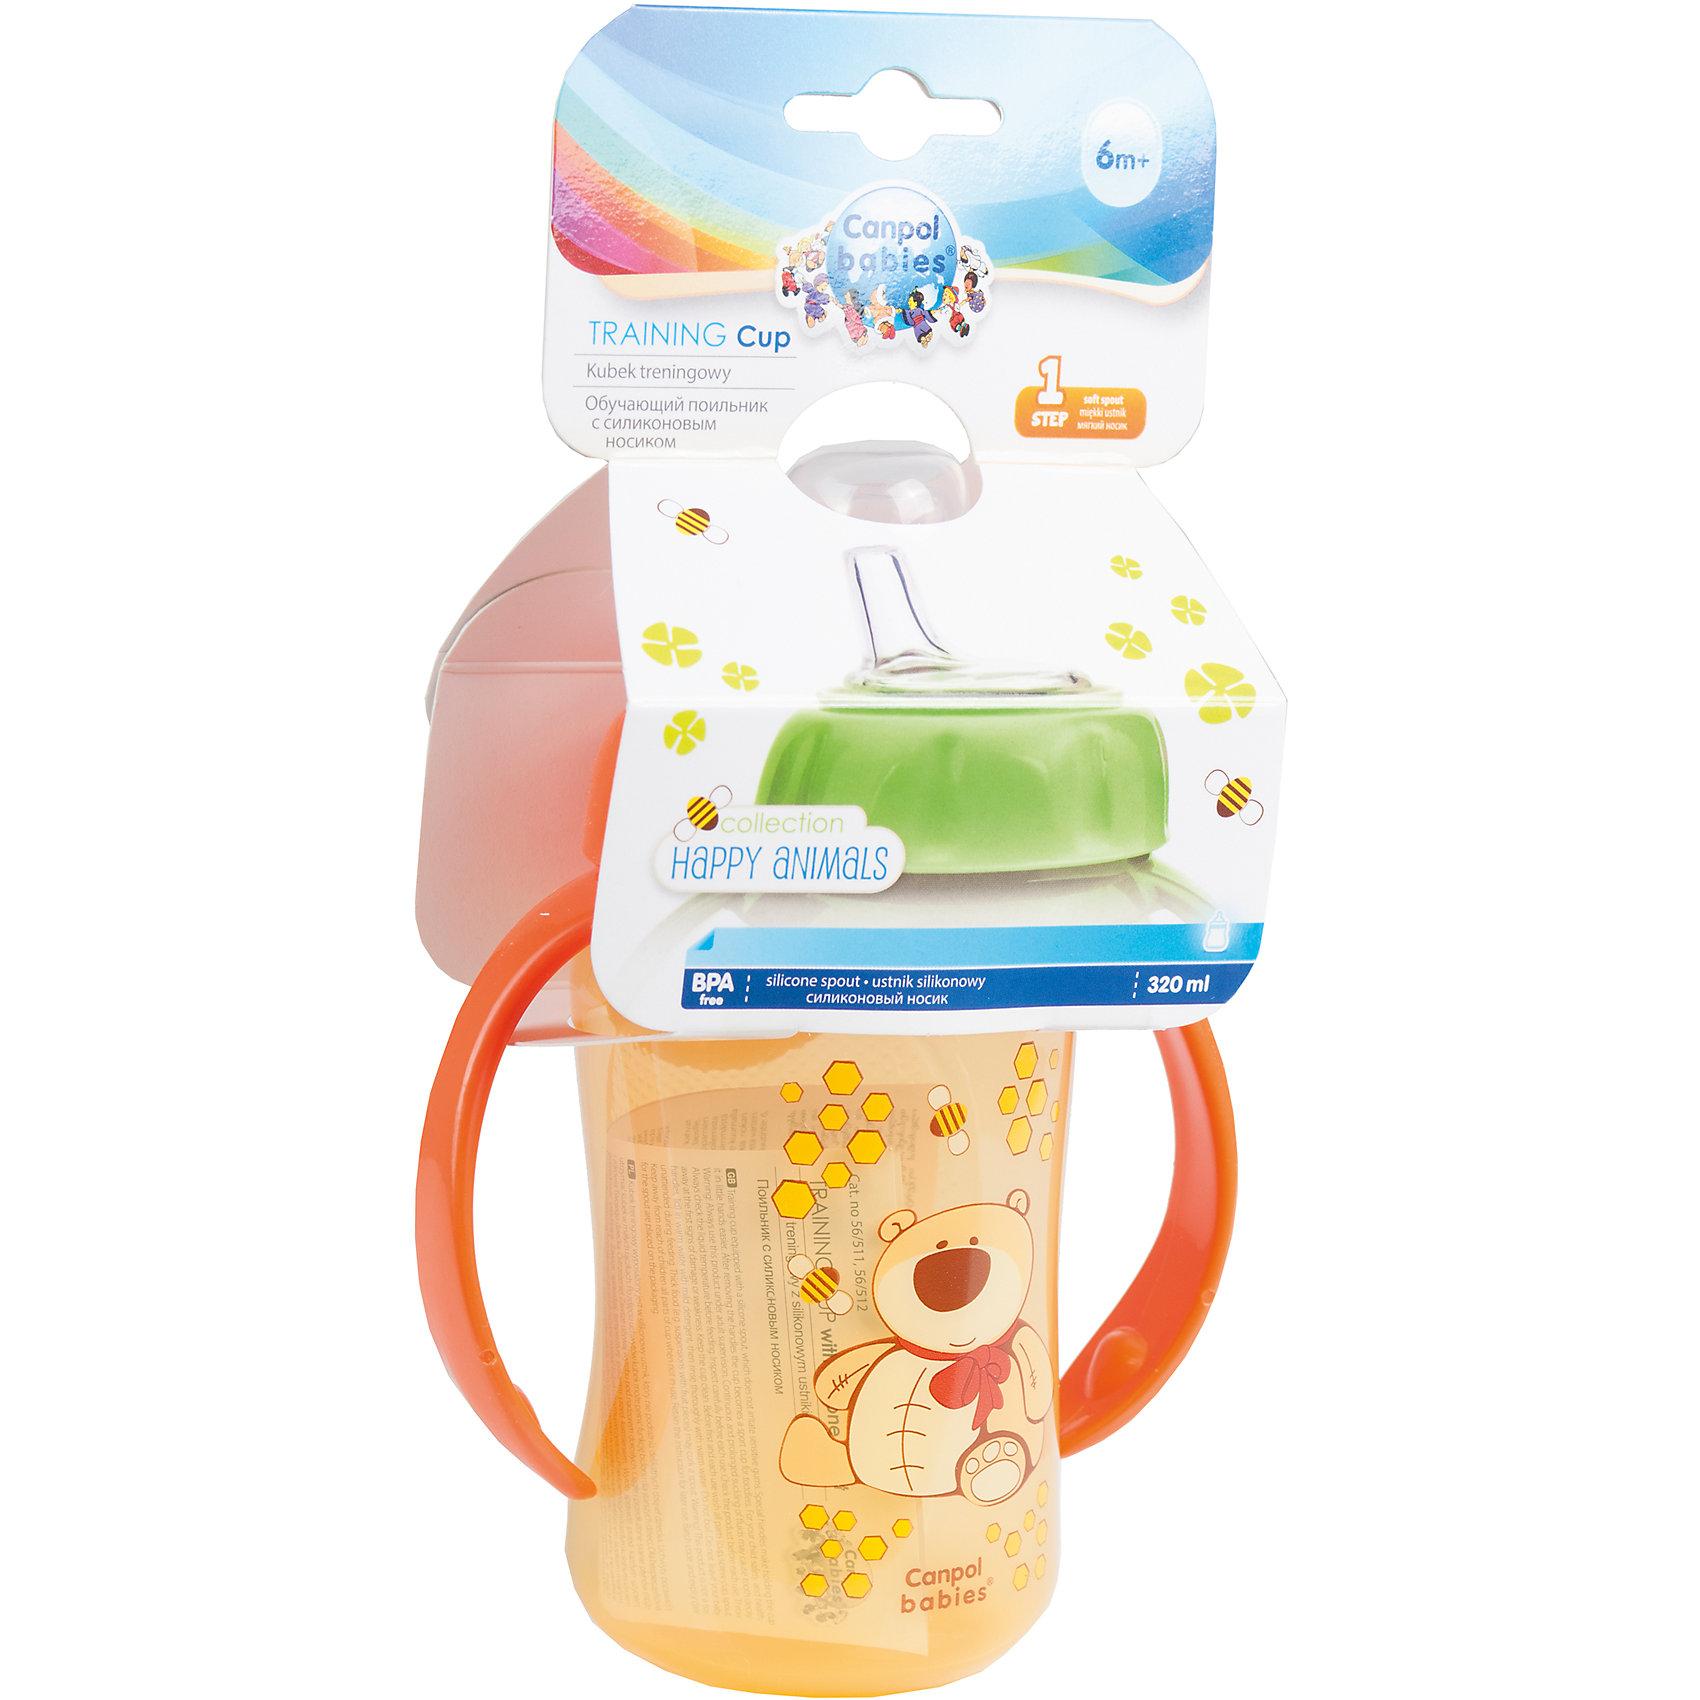 Поильник обучающий с силиконовым носиком и ручками, 320 мл. 6+, Canpol Babies, оранжевыйПоильники<br>Поильник обучающий с силиконовым носиком и ручками, 320 мл. 6+, Canpol Babies (Канпол беби), оранжевый.<br><br>Характеристики:<br>• мягкий силиконовый носик<br>• защитная крышка<br>• удобные ручки<br>• не содержит бисфенол-А<br>• веселый дизайн<br>• материал: пластик <br>• высота поильника: 16, 5 см<br>• размер упаковки: 12х17х7,5 см<br>• вес: 138 грамм<br>• объем: 320 мл<br>• цвет: оранжевый<br><br>Поильник Canpol Babies поможет вам приучить ребенка к более взрослой посуде для питья. Поильник имеет две удобные ручки и мягкий силиконовый носик, который не допустит травмирования десен крохи. Для привлечения внимания малыша поильник имеет яркую расцветку с красивым рисунком.<br><br>Поильник обучающий с силиконовым носиком и ручками, 320 мл. 6+, Canpol Babies (Канпол беби), оранжевый можно купить в нашем интернет-магазине.<br><br>Ширина мм: 125<br>Глубина мм: 70<br>Высота мм: 225<br>Вес г: 820<br>Возраст от месяцев: 6<br>Возраст до месяцев: 18<br>Пол: Унисекс<br>Возраст: Детский<br>SKU: 5156717